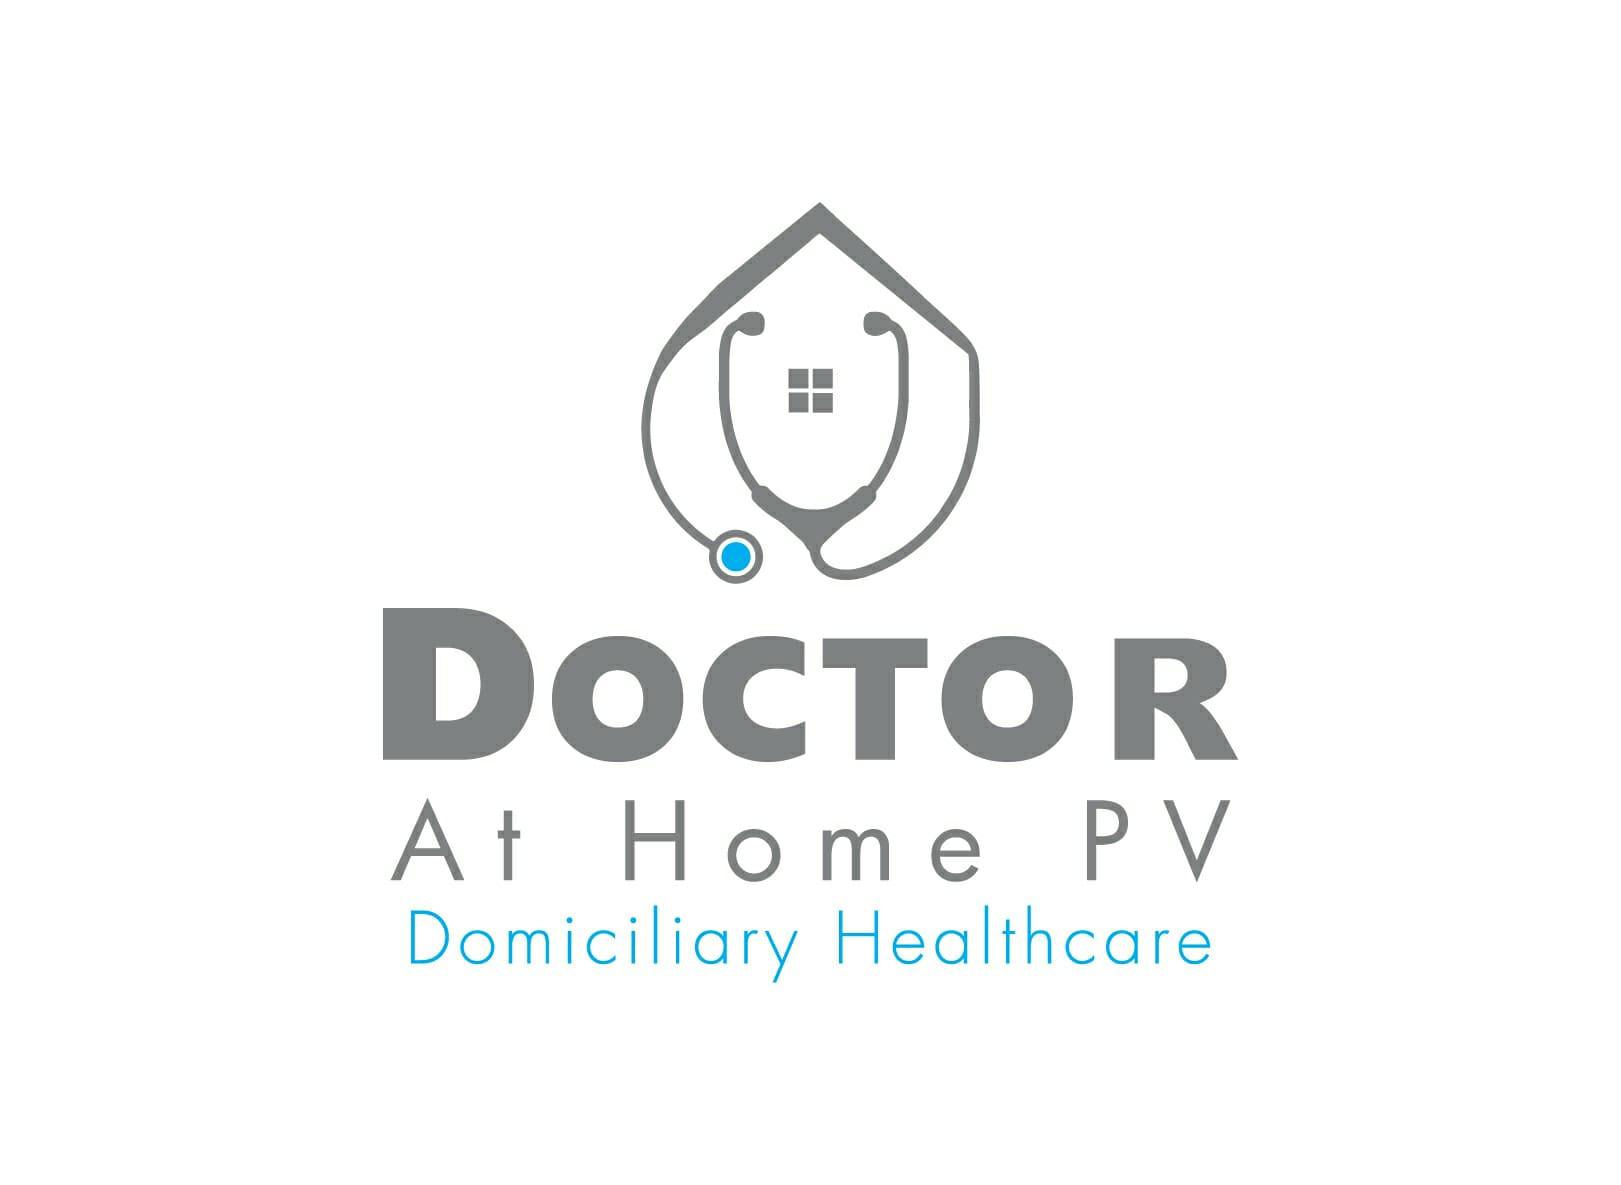 Doctor at home Puerto vallarta